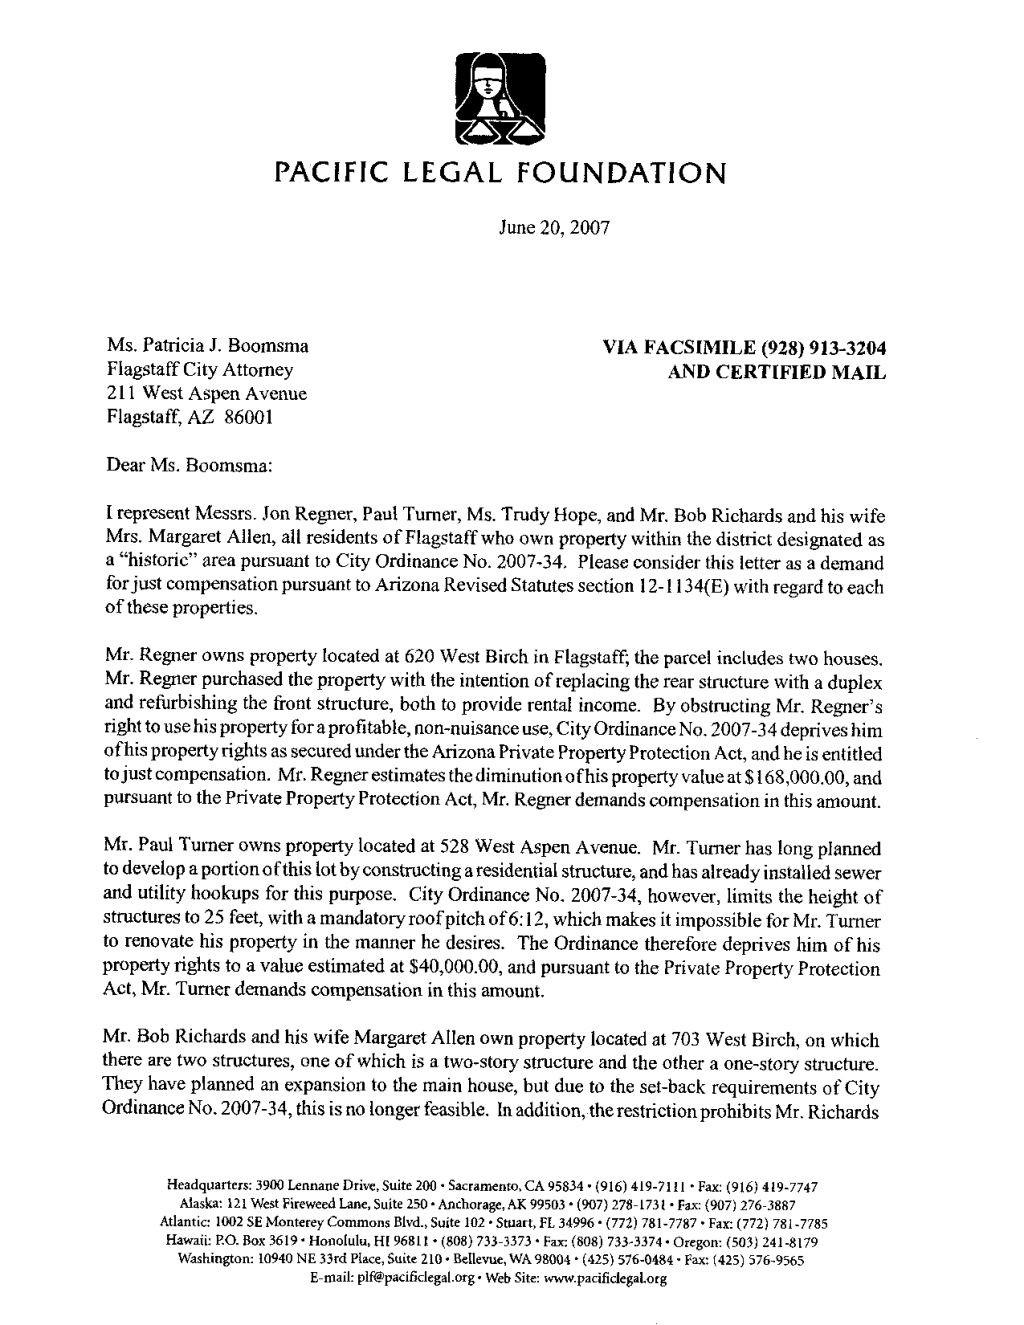 Car Accident Settlement Letter Template - 31 Unique Sample Demand Letter for Car Accident